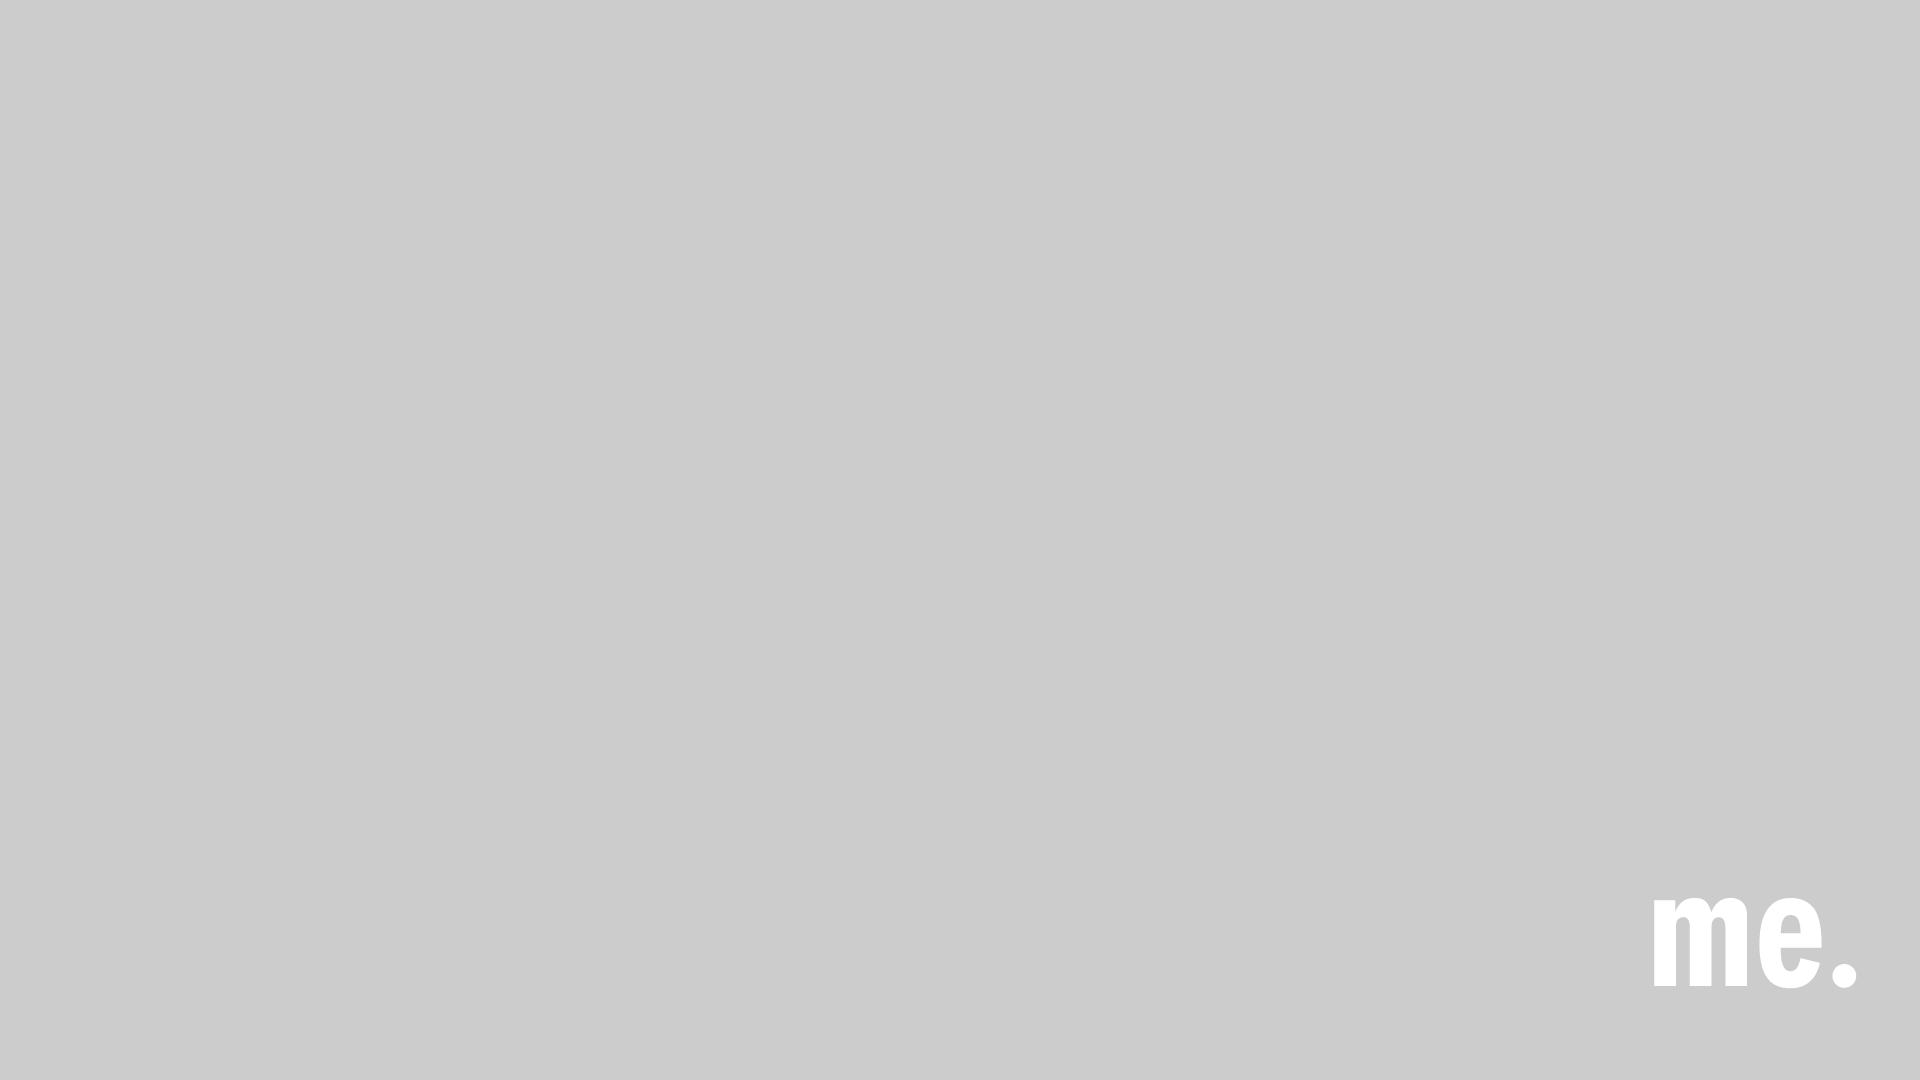 'Best Dance/Electronica Album' für die EP 'Bangarang': Skrillex